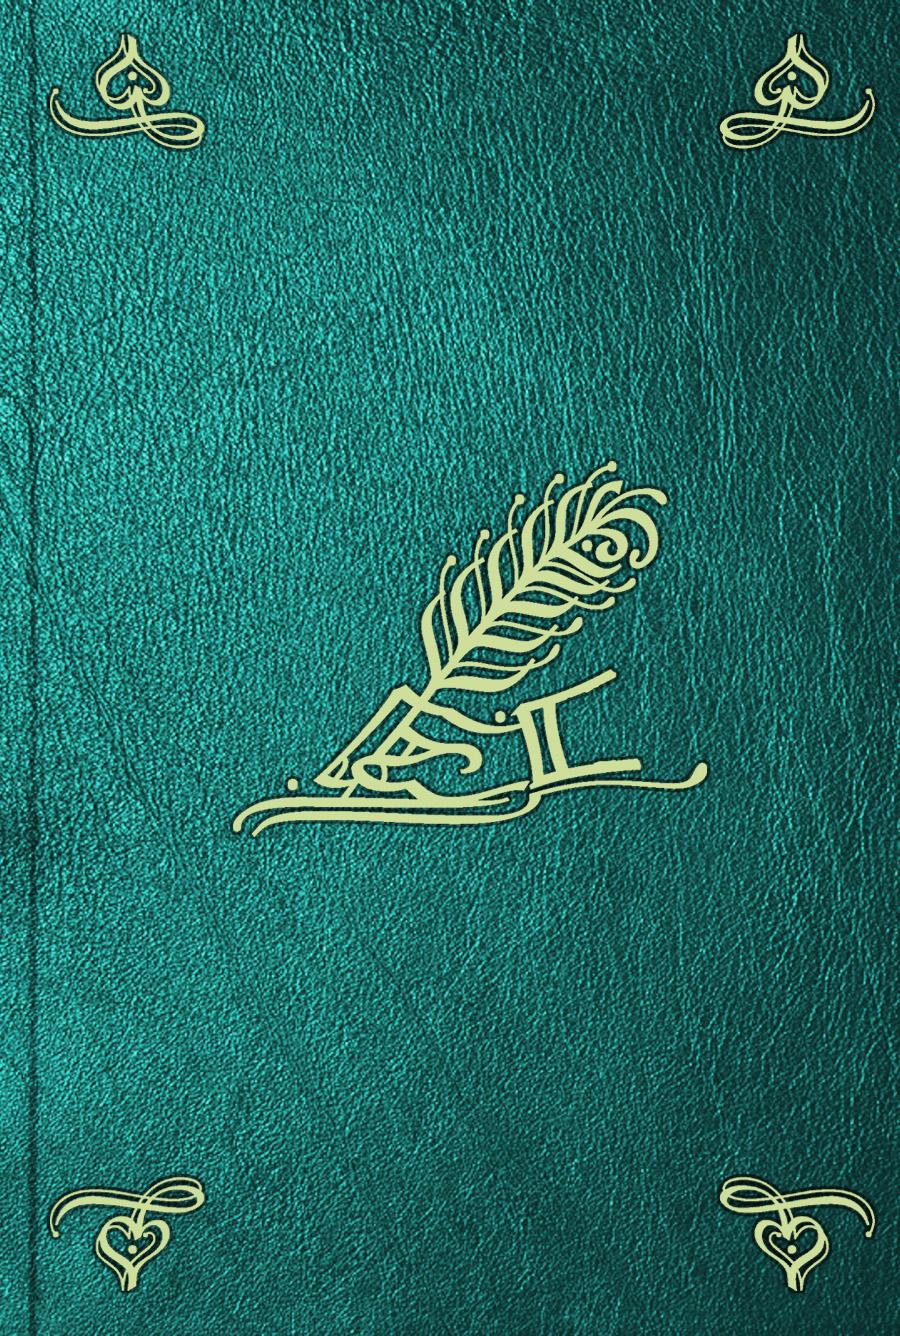 Отсутствует Bildnlisse jetztlebender berliner Gelehrten mit ihren Selbstbiographieen: Sammlung 1 j keats hyperion mit einleitung hrsg von johannes hoops